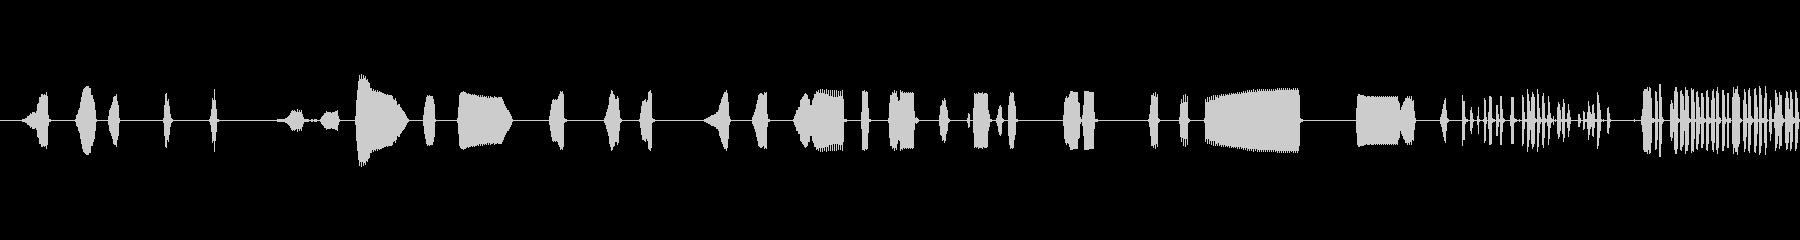 メタルディテクターアラームチャープ...の未再生の波形